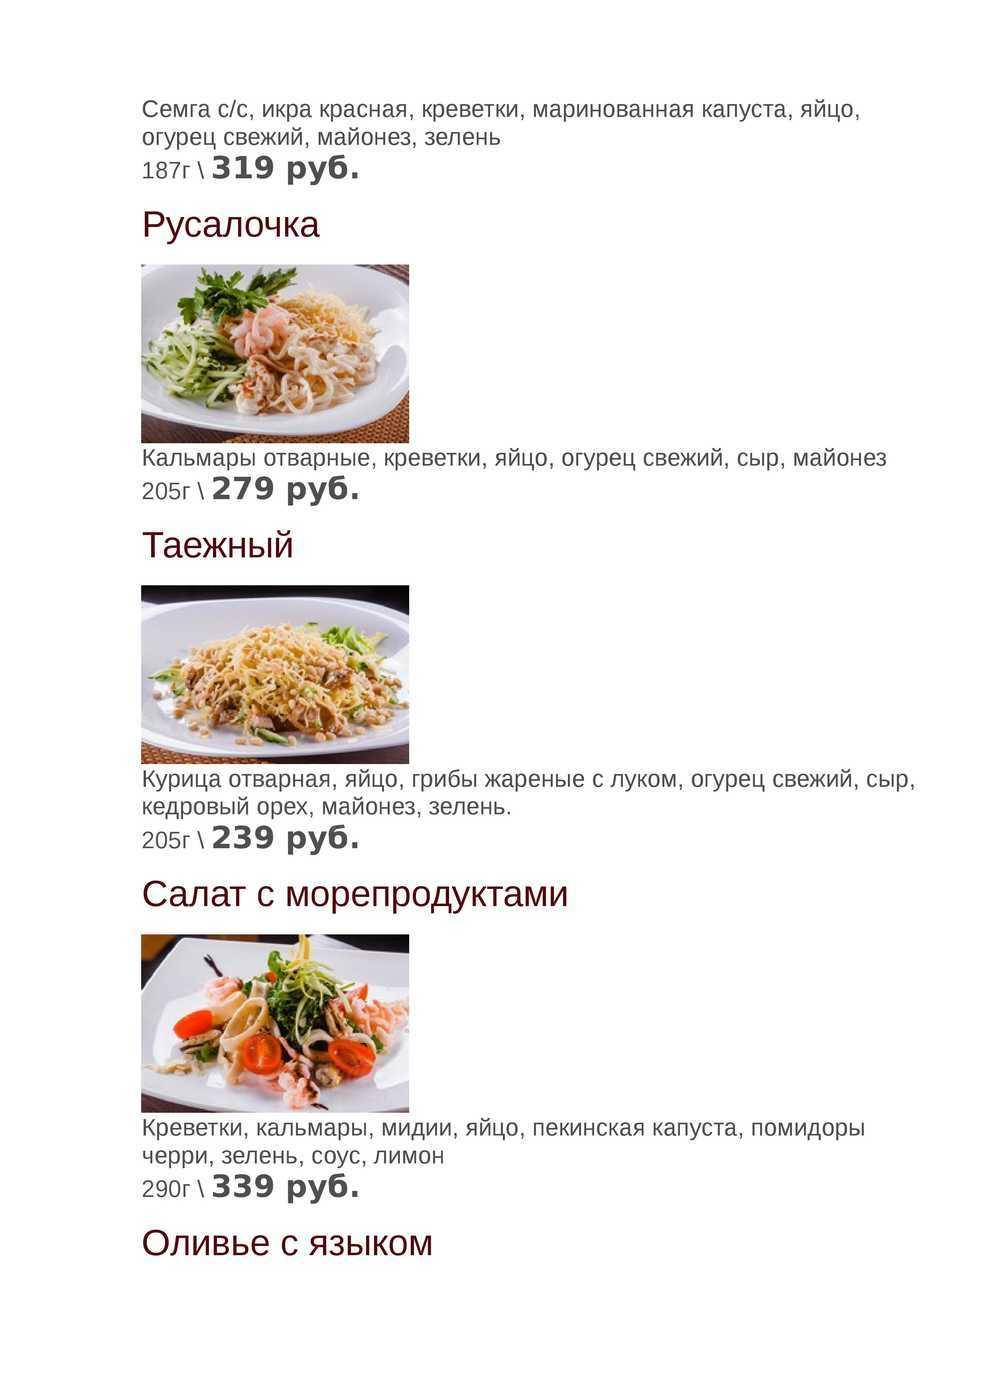 Меню кафе Ермак на проспекте имени газеты Красноярский Рабочий фото 9